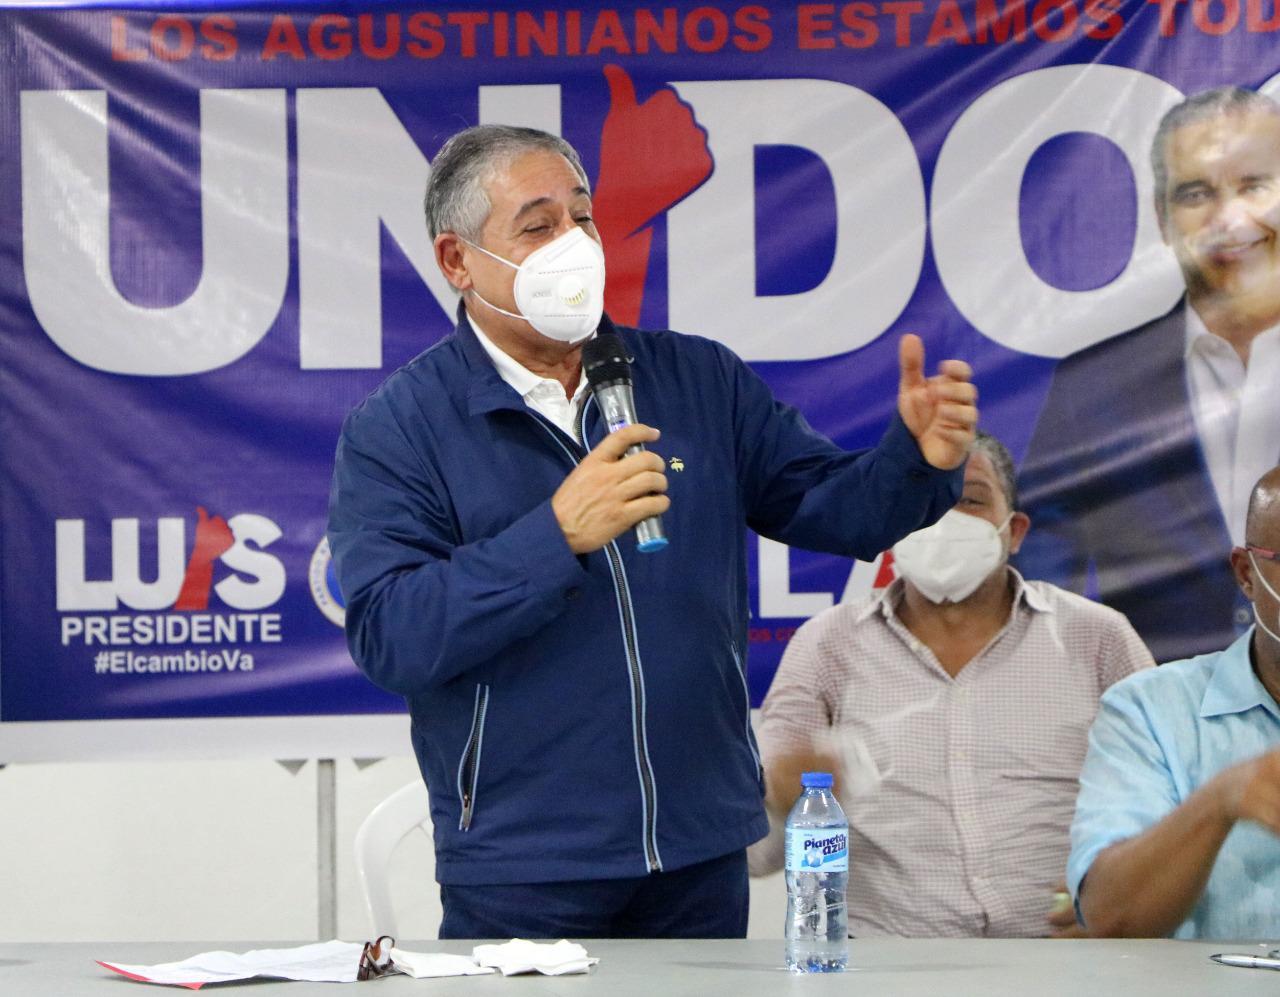 Roberto Salcedo afirma Luis Abinader ganará en primera vuelta